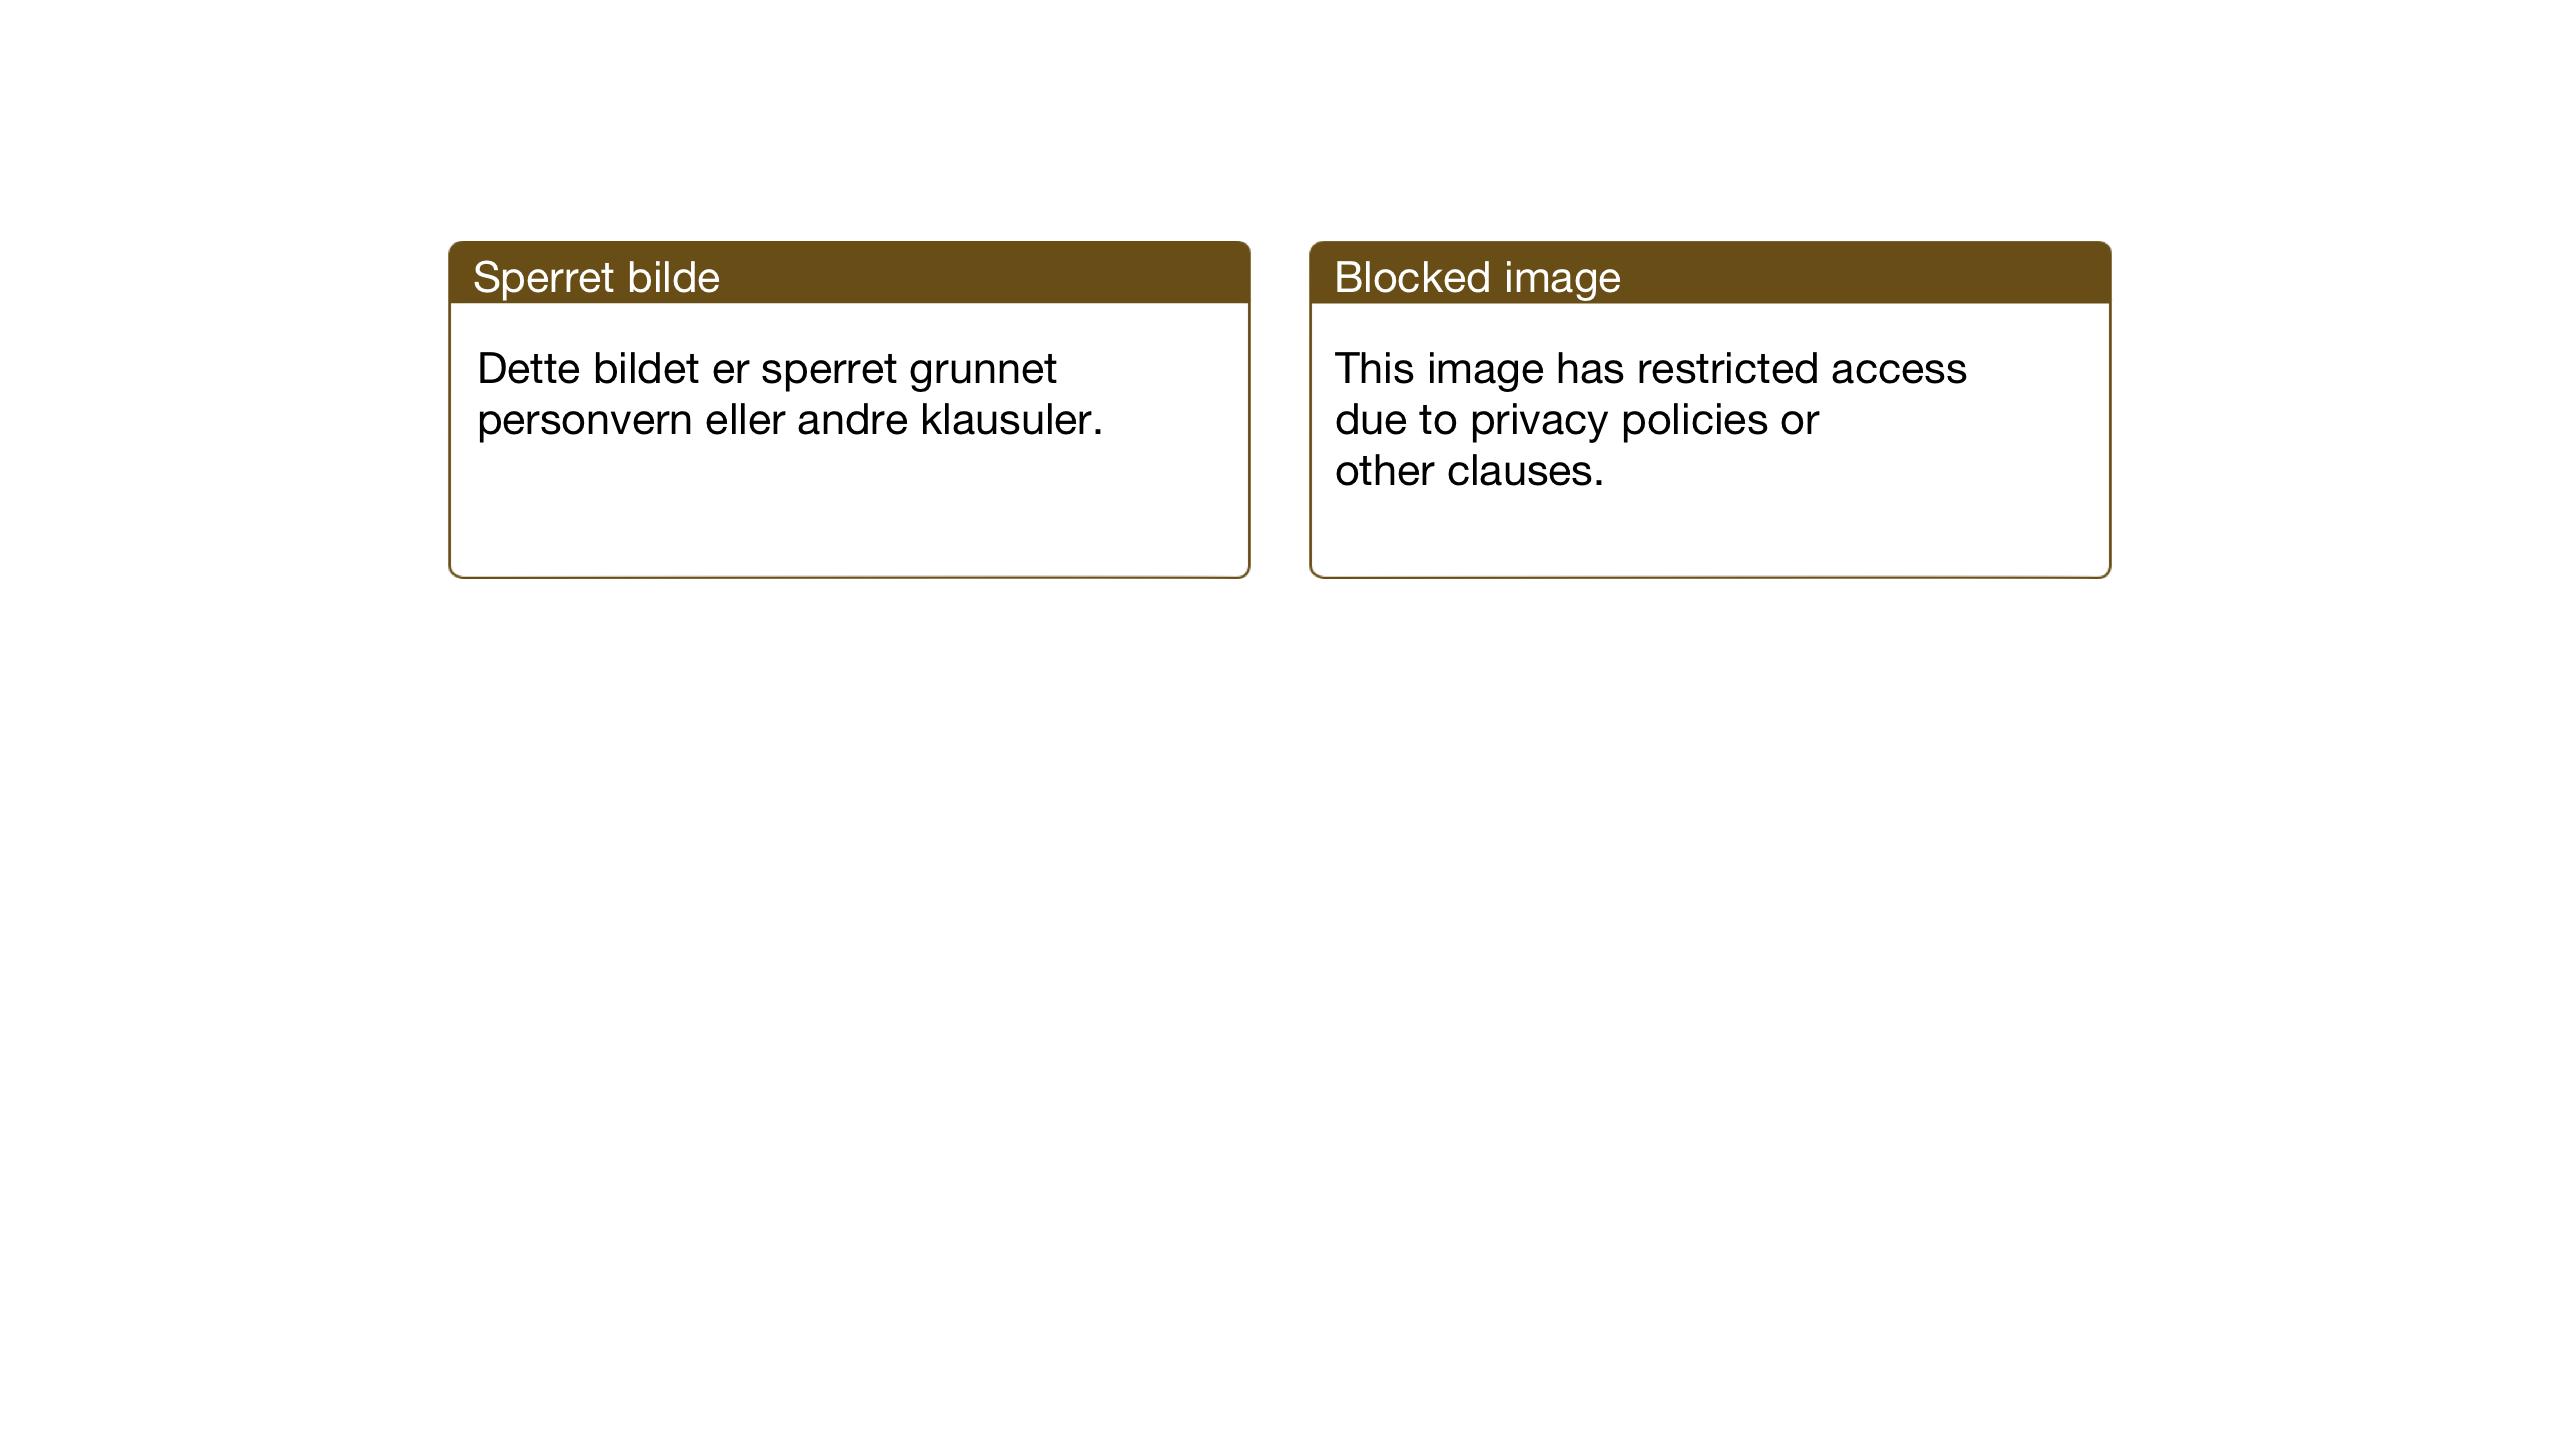 SAT, Ministerialprotokoller, klokkerbøker og fødselsregistre - Nord-Trøndelag, 786/L0689: Klokkerbok nr. 786C01, 1940-1948, s. 14-15